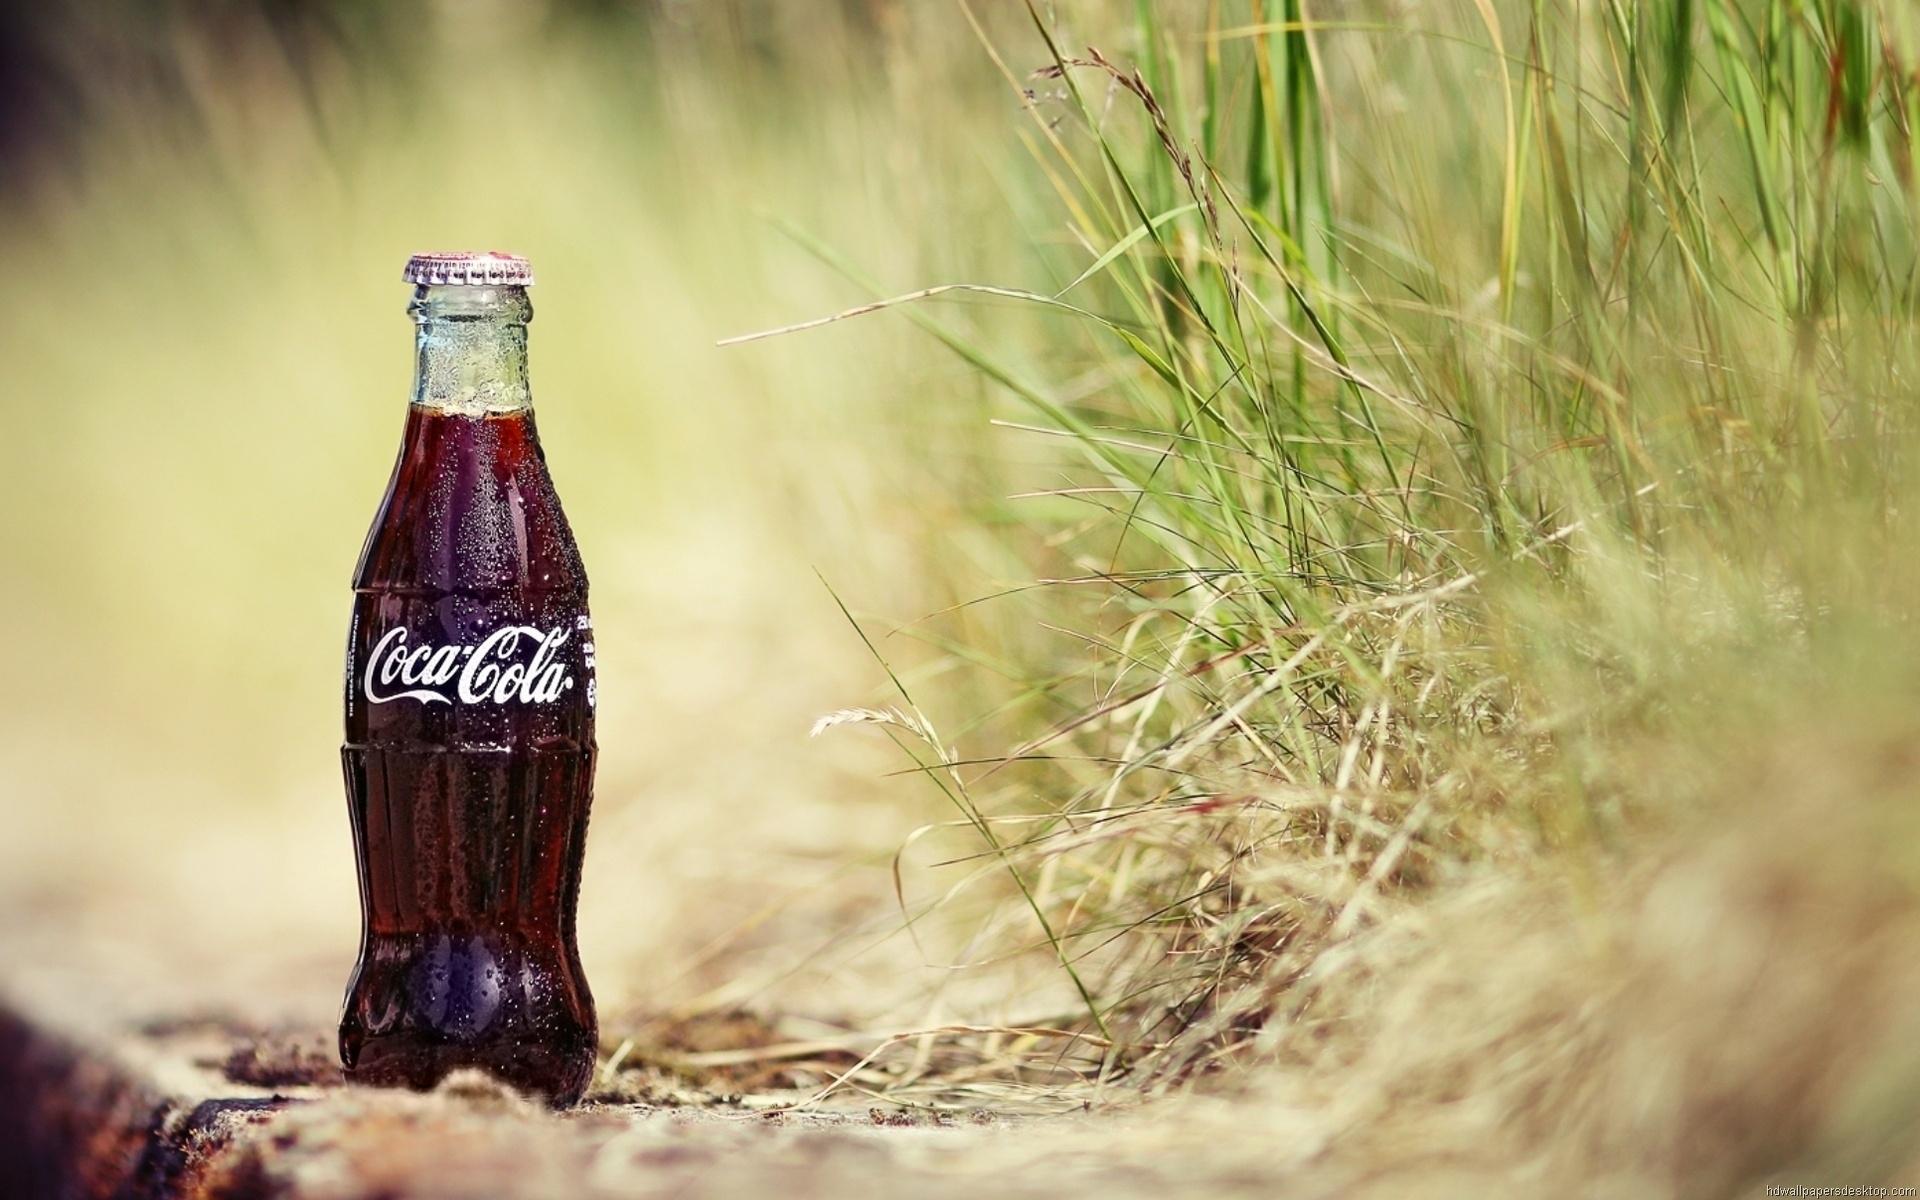 image: coca cola hd wallpaper 0021 - album: coca cola: wallpaper